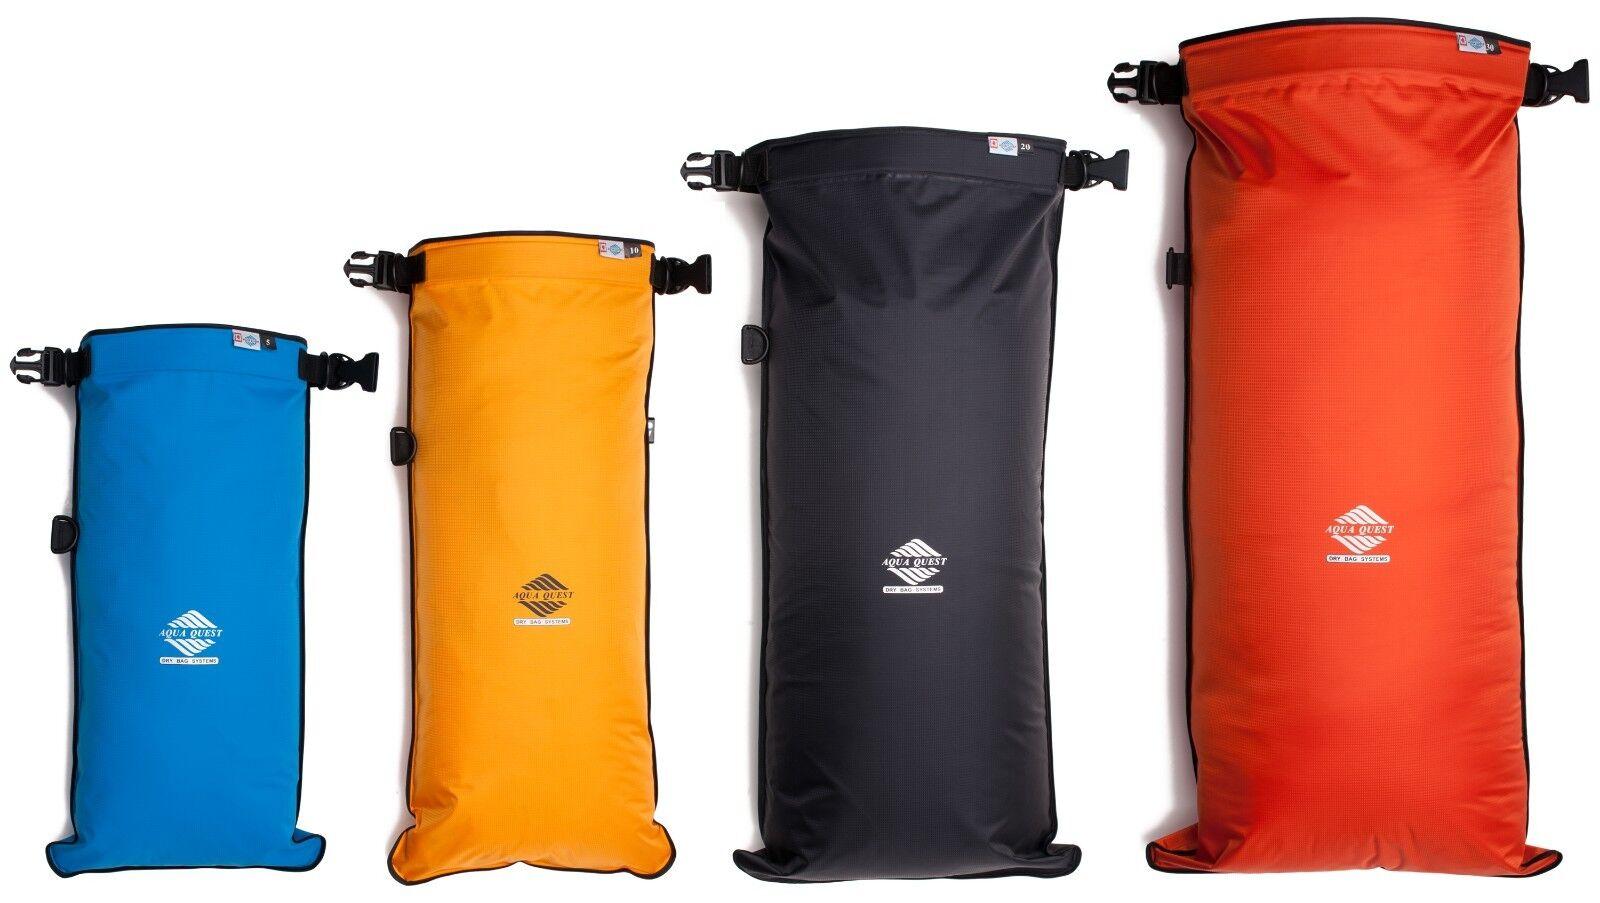 Aqua Quest Coastal Sunset - Waterproof Dry Bag Combo - 5L, 10L, 20L, & 30L Set